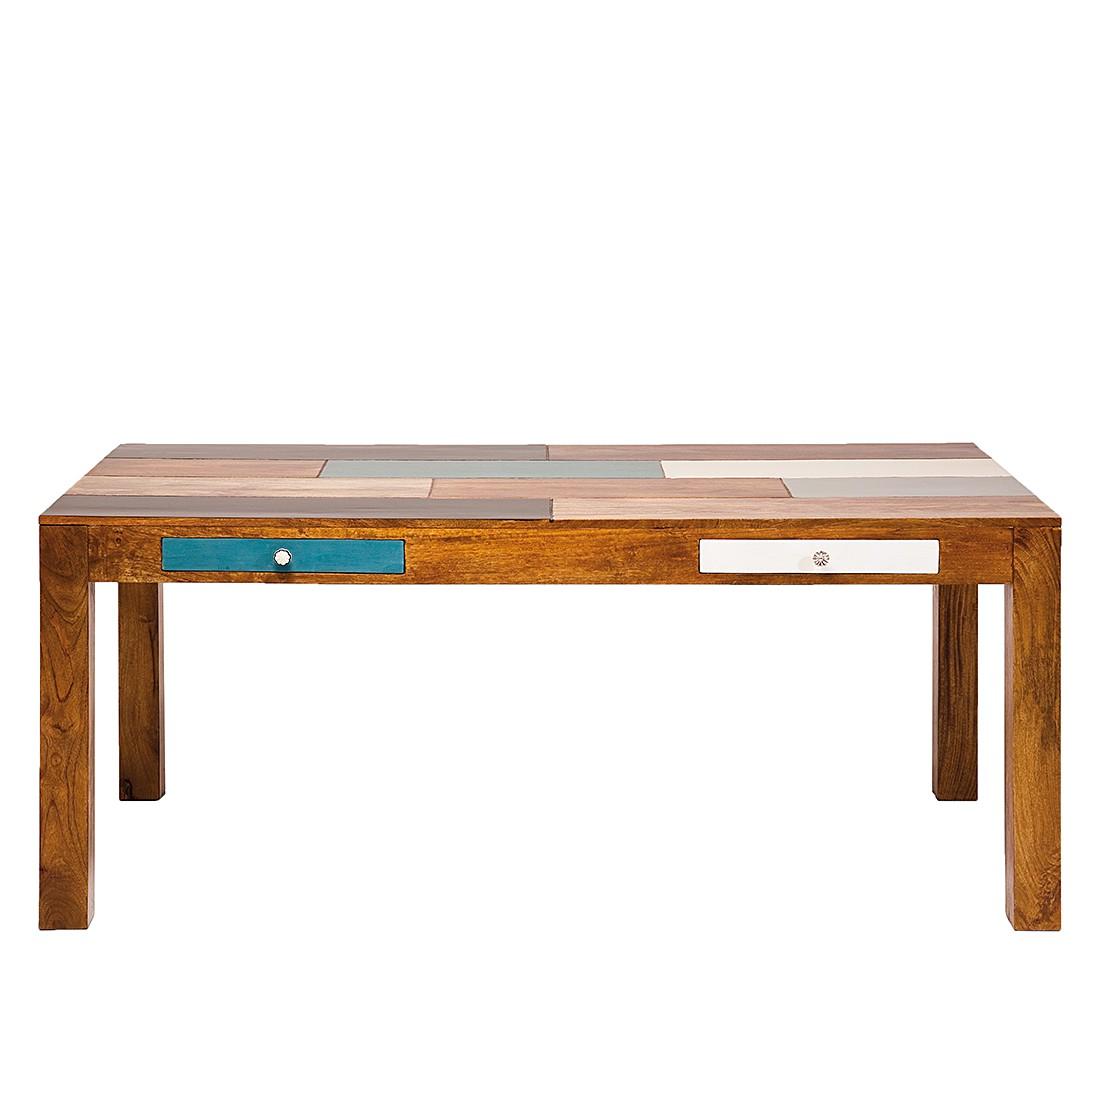 Table à manger Babalou - Manguier massif - Verni, Kare Design